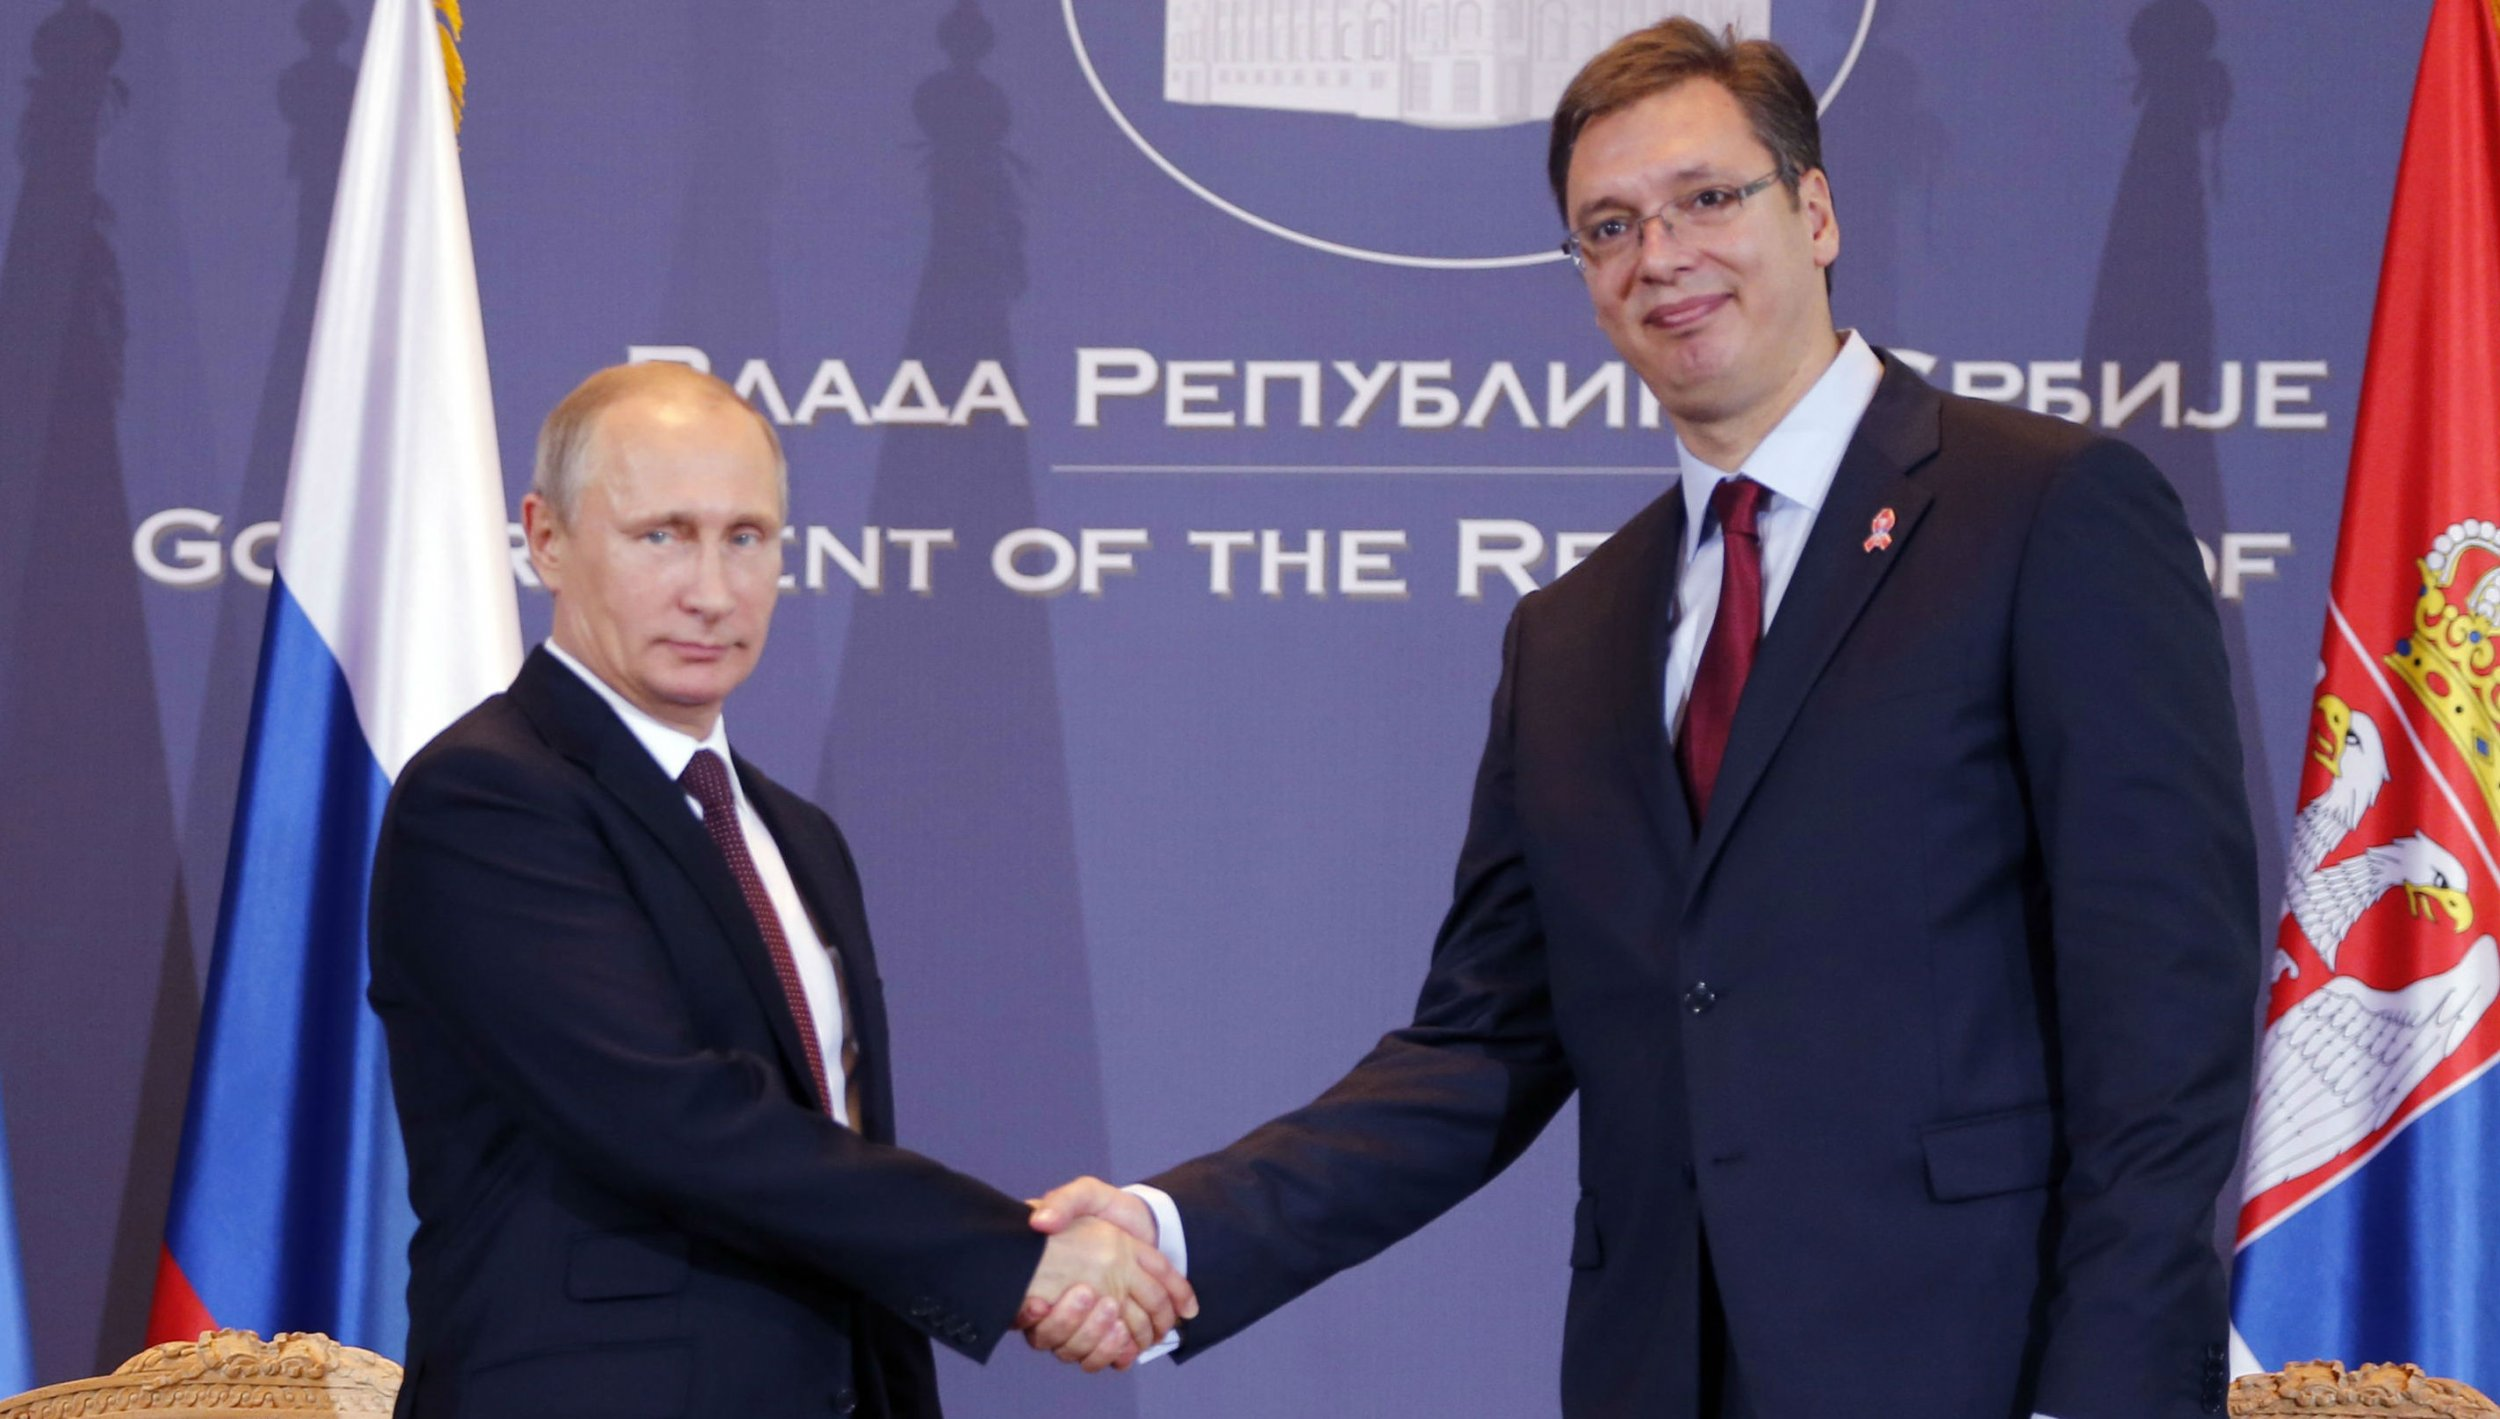 Putin handshake